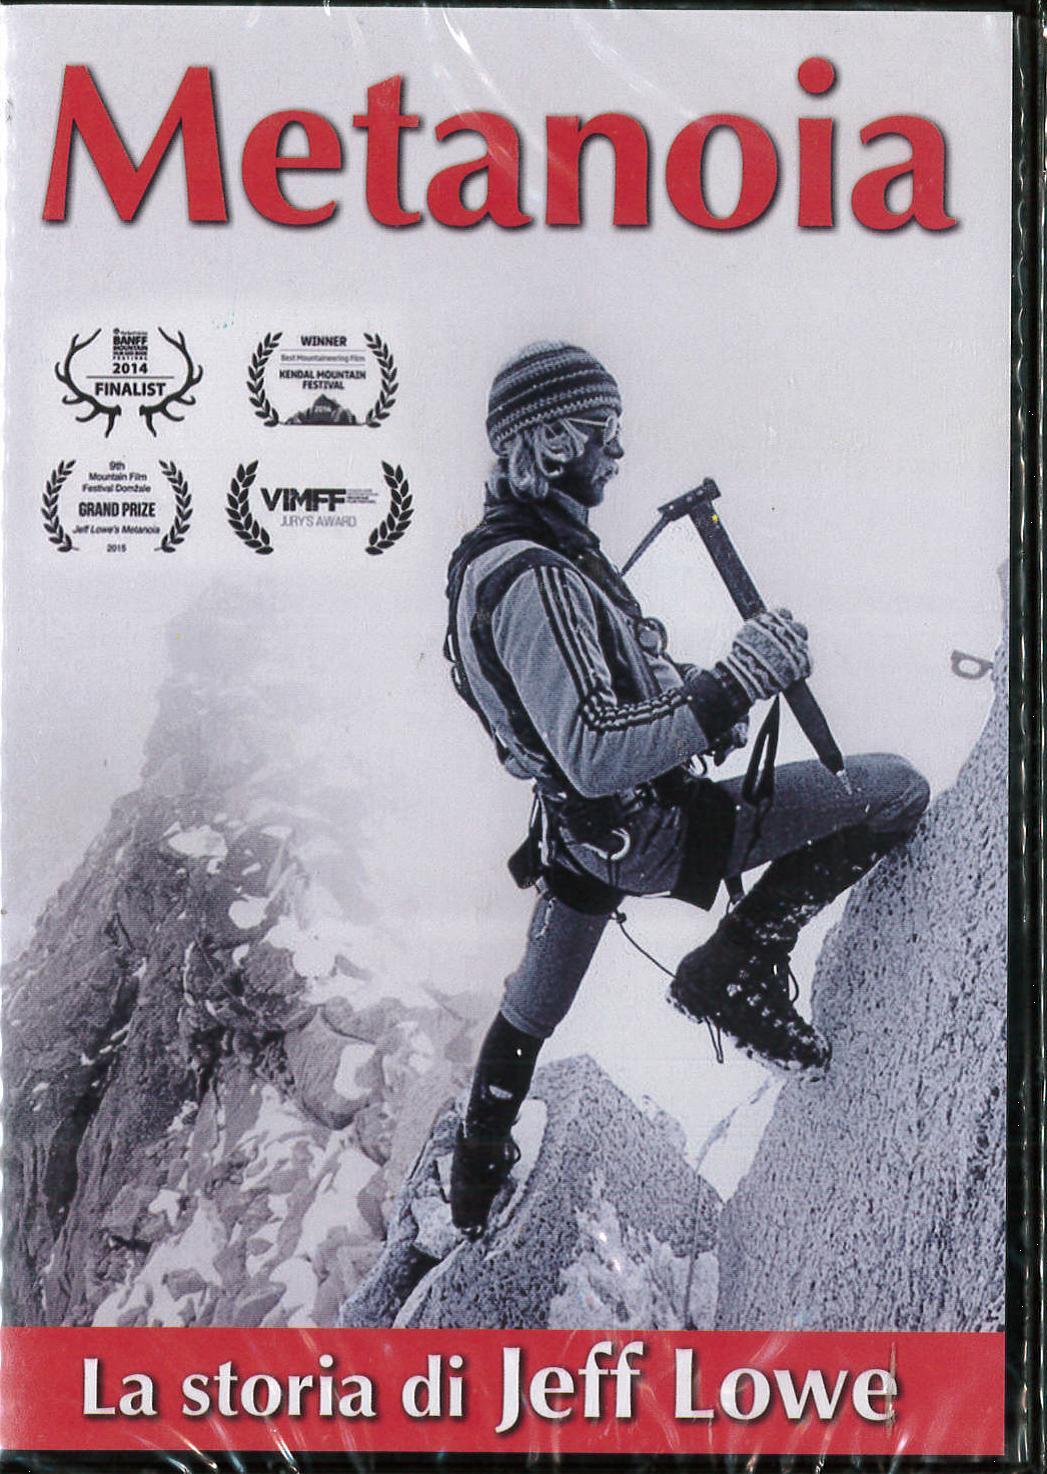 METANOIA DI JEFF LOWE (DVD)